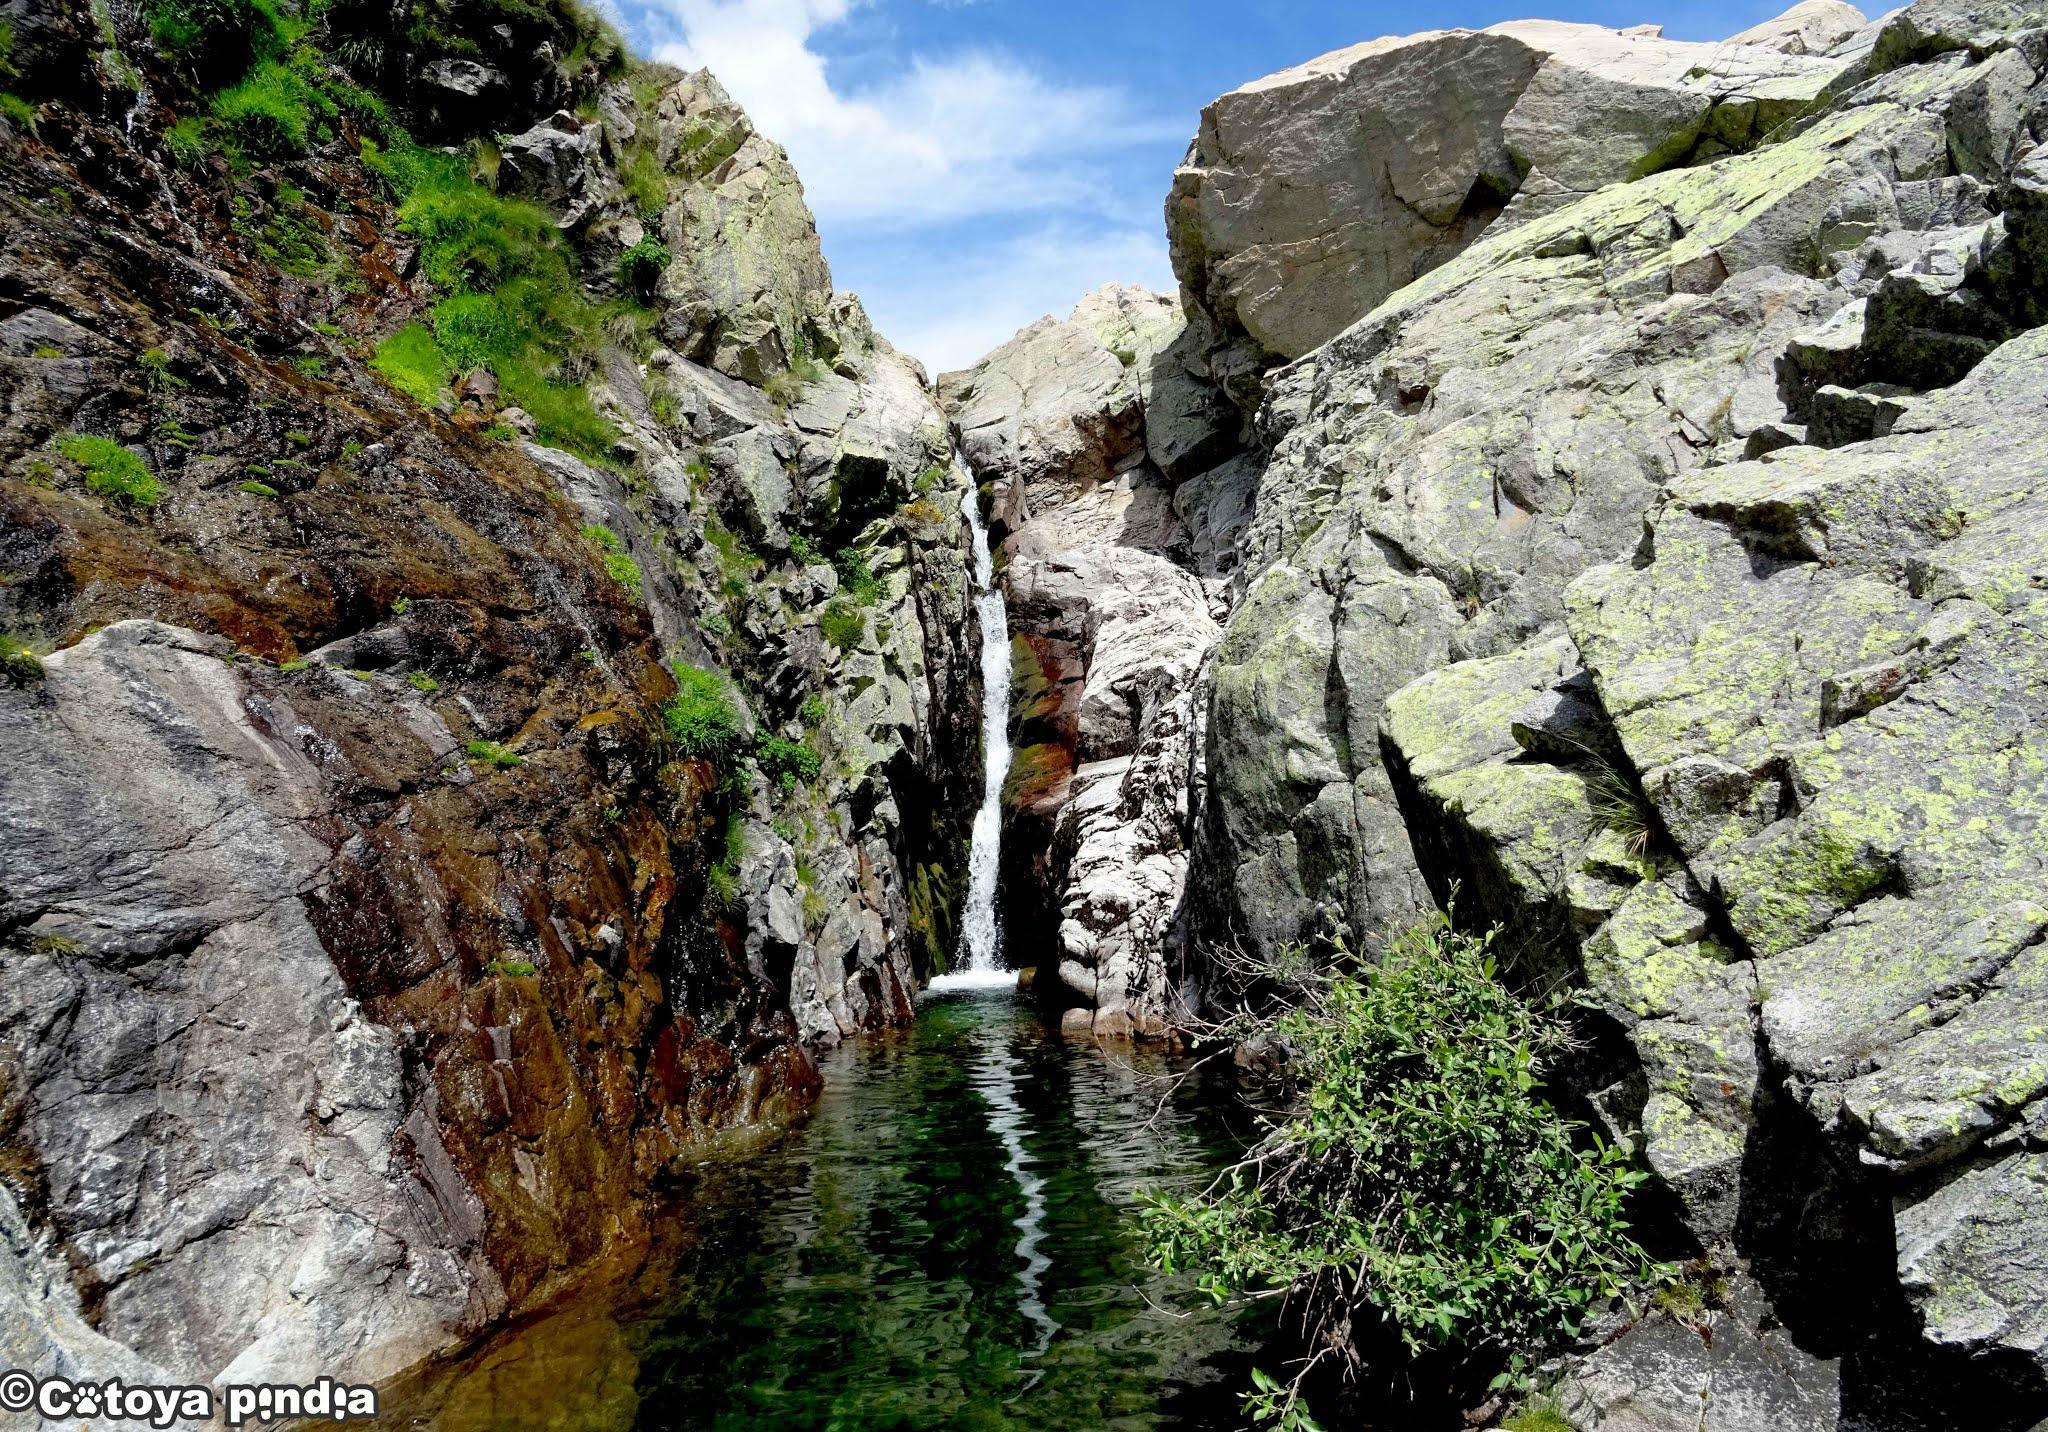 Salto de Agua en la senda de la Garganta de Bohoyo en la Sierra de Gredos.